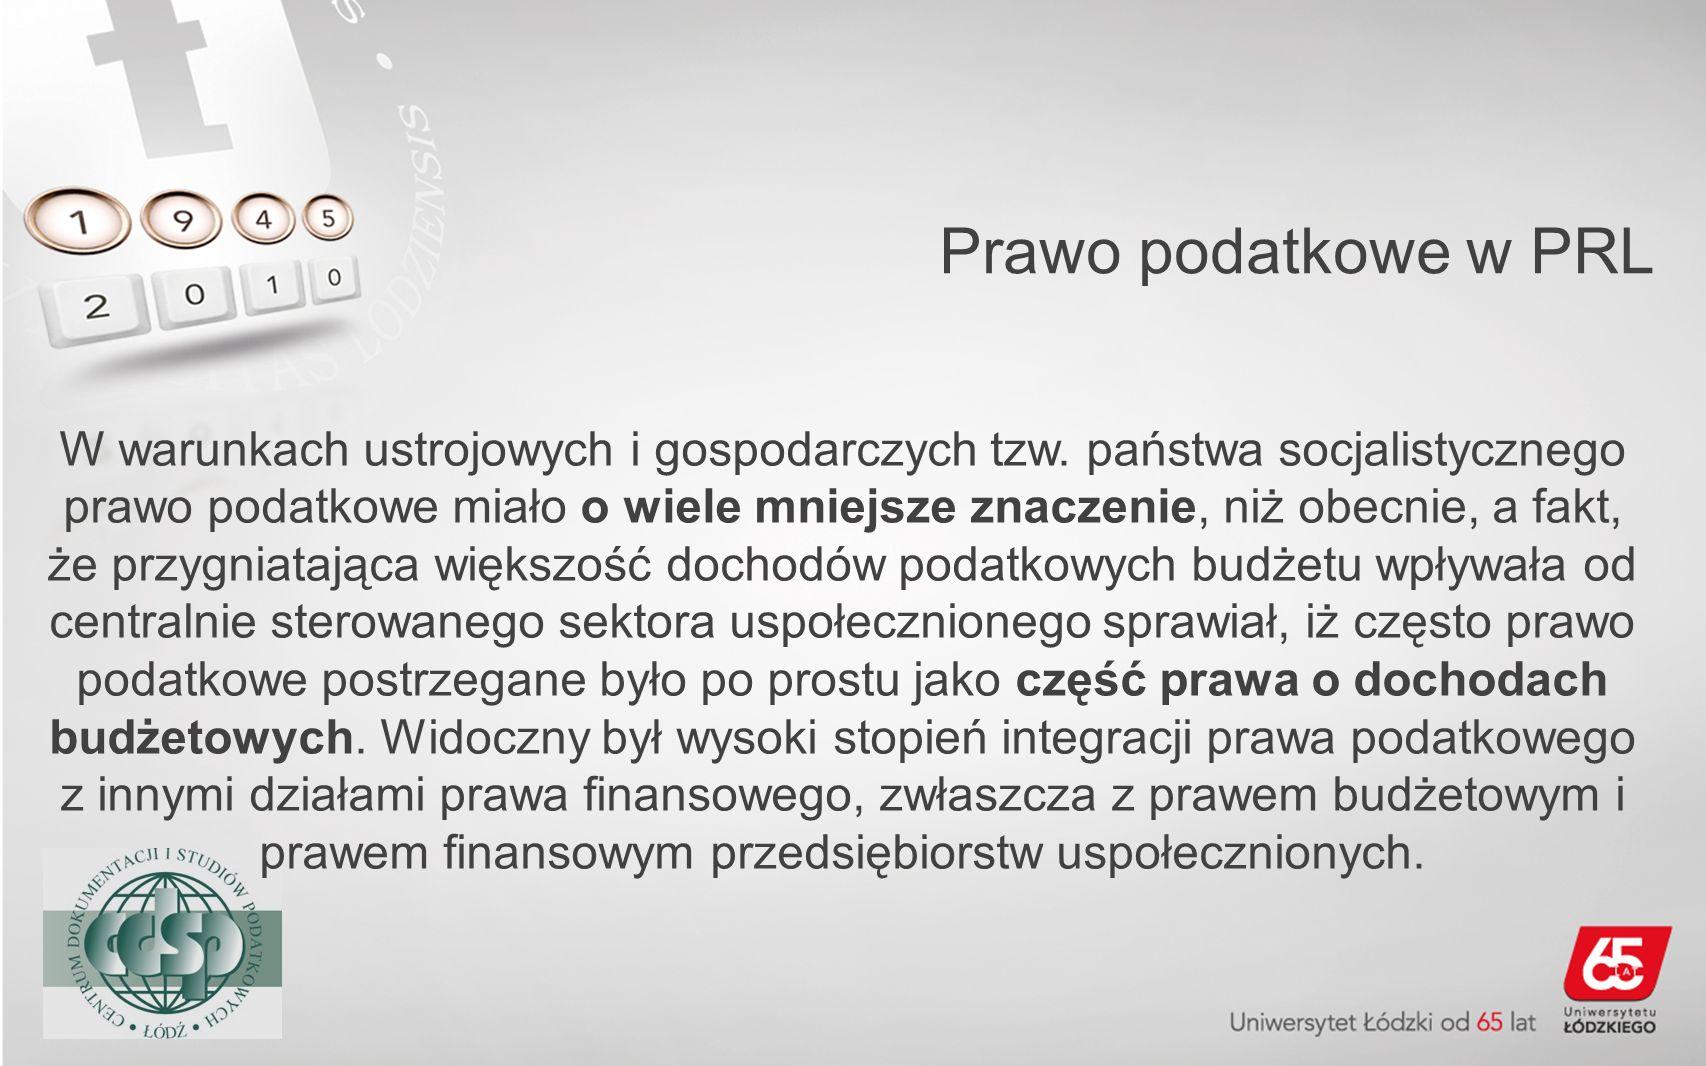 Prawo podatkowe w PRL